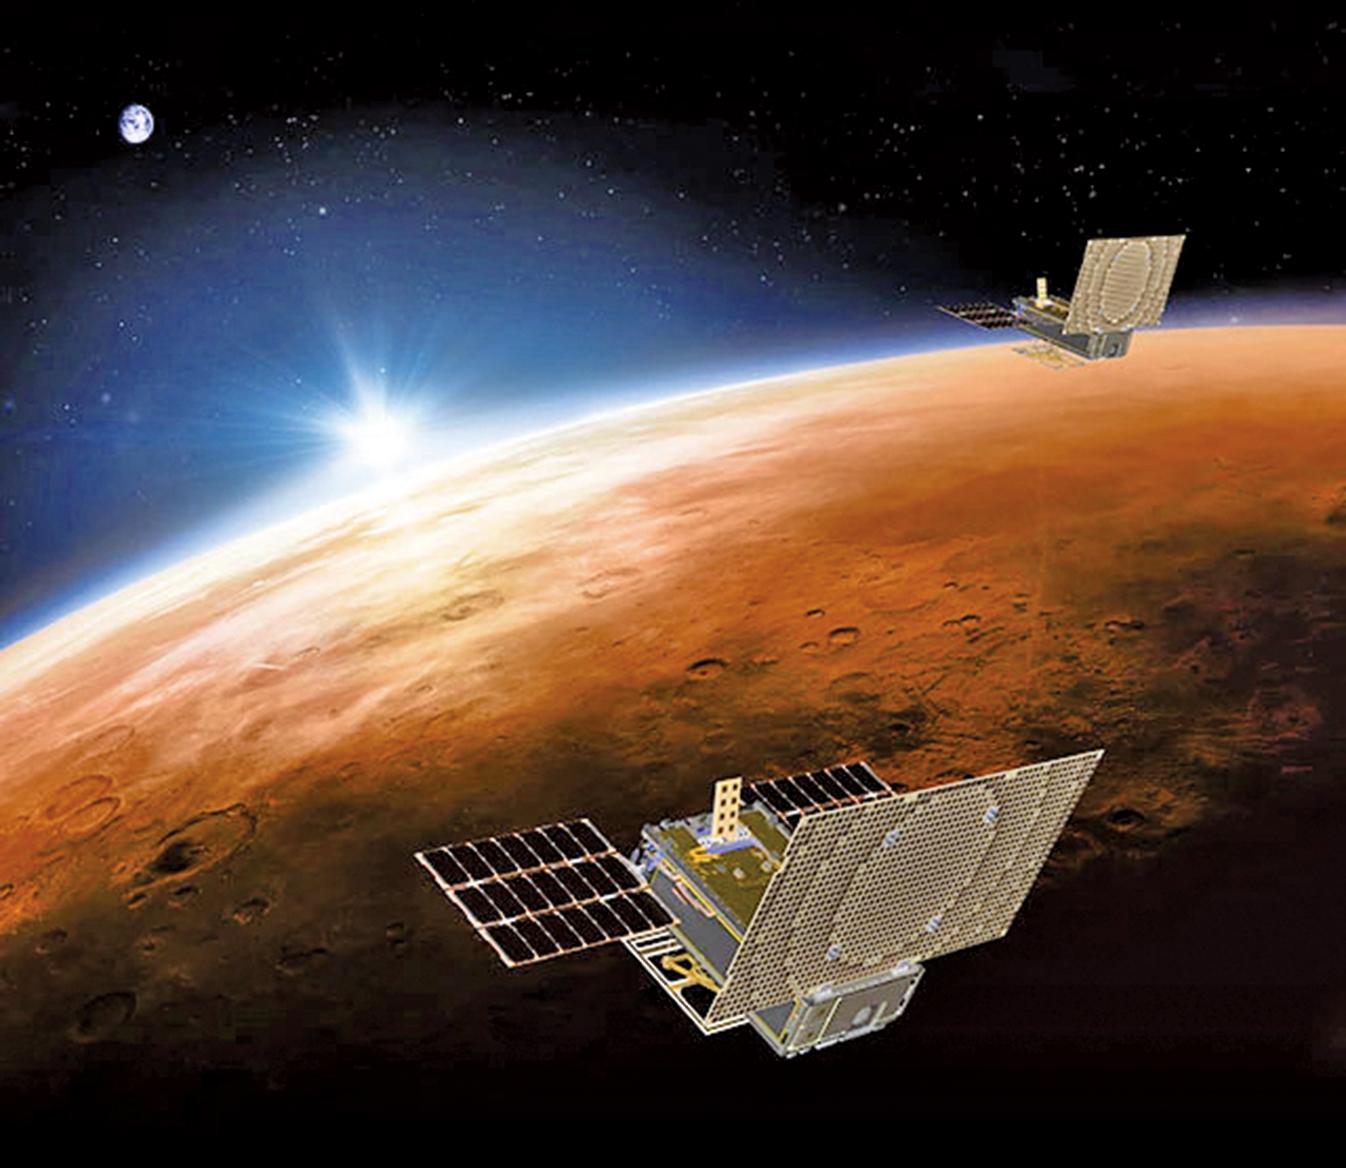 美國的一系列法律實際上禁止對中共出口衛星技術,同時中國製造的衛星遠不如美國產衛星。圖為衛星示意圖。(AFP)